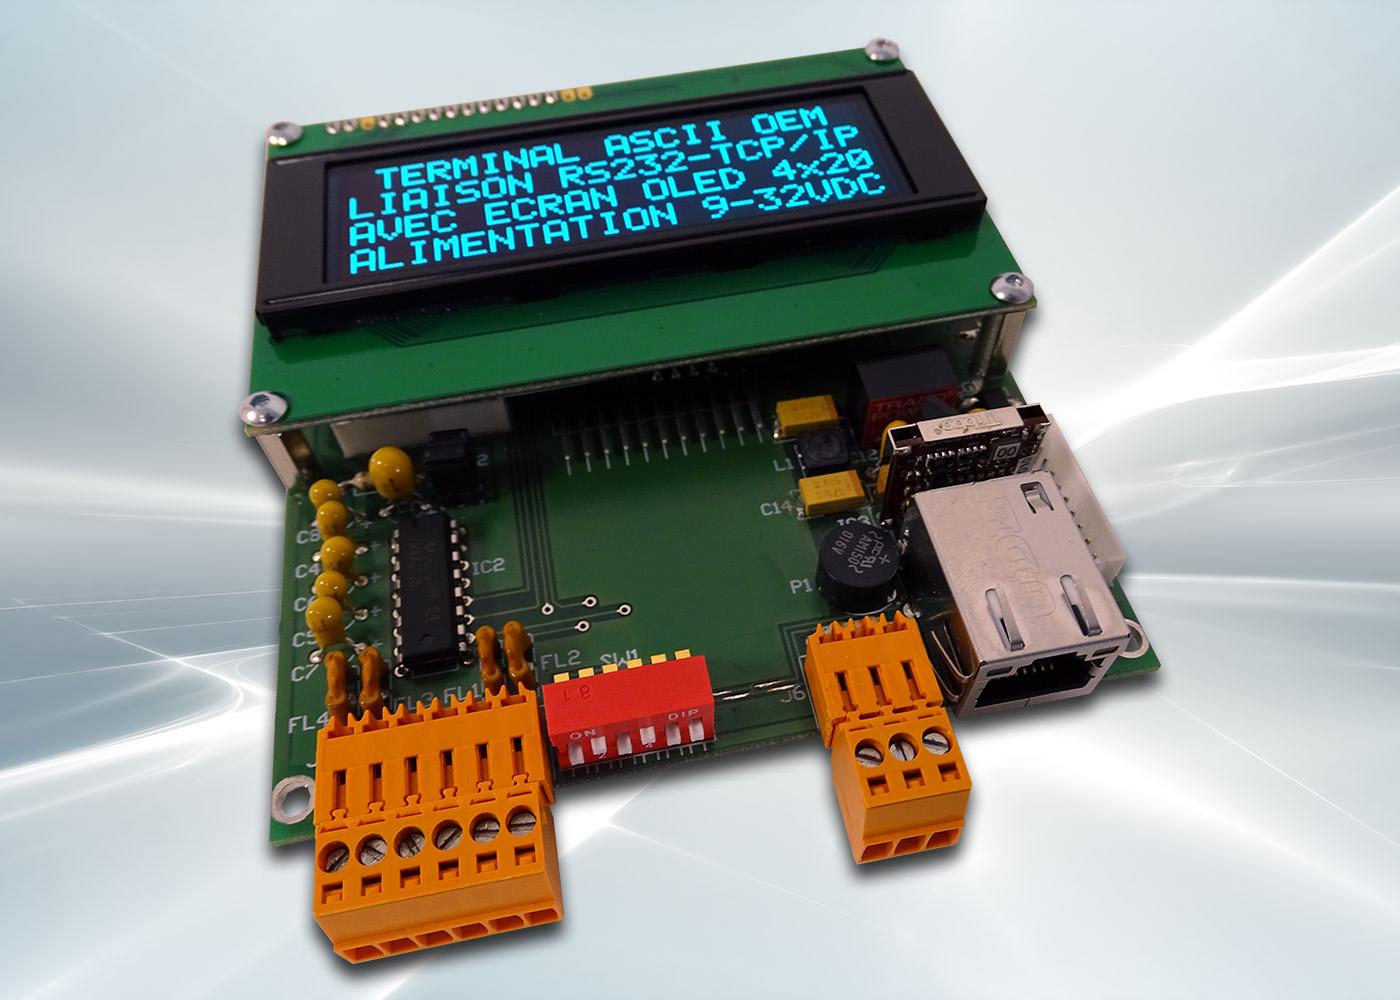 Terminal ASCII OEM RS232 / Ethernet avec afficheur OLED et gestion de 8 touches et 4 LEDs – Connectiques